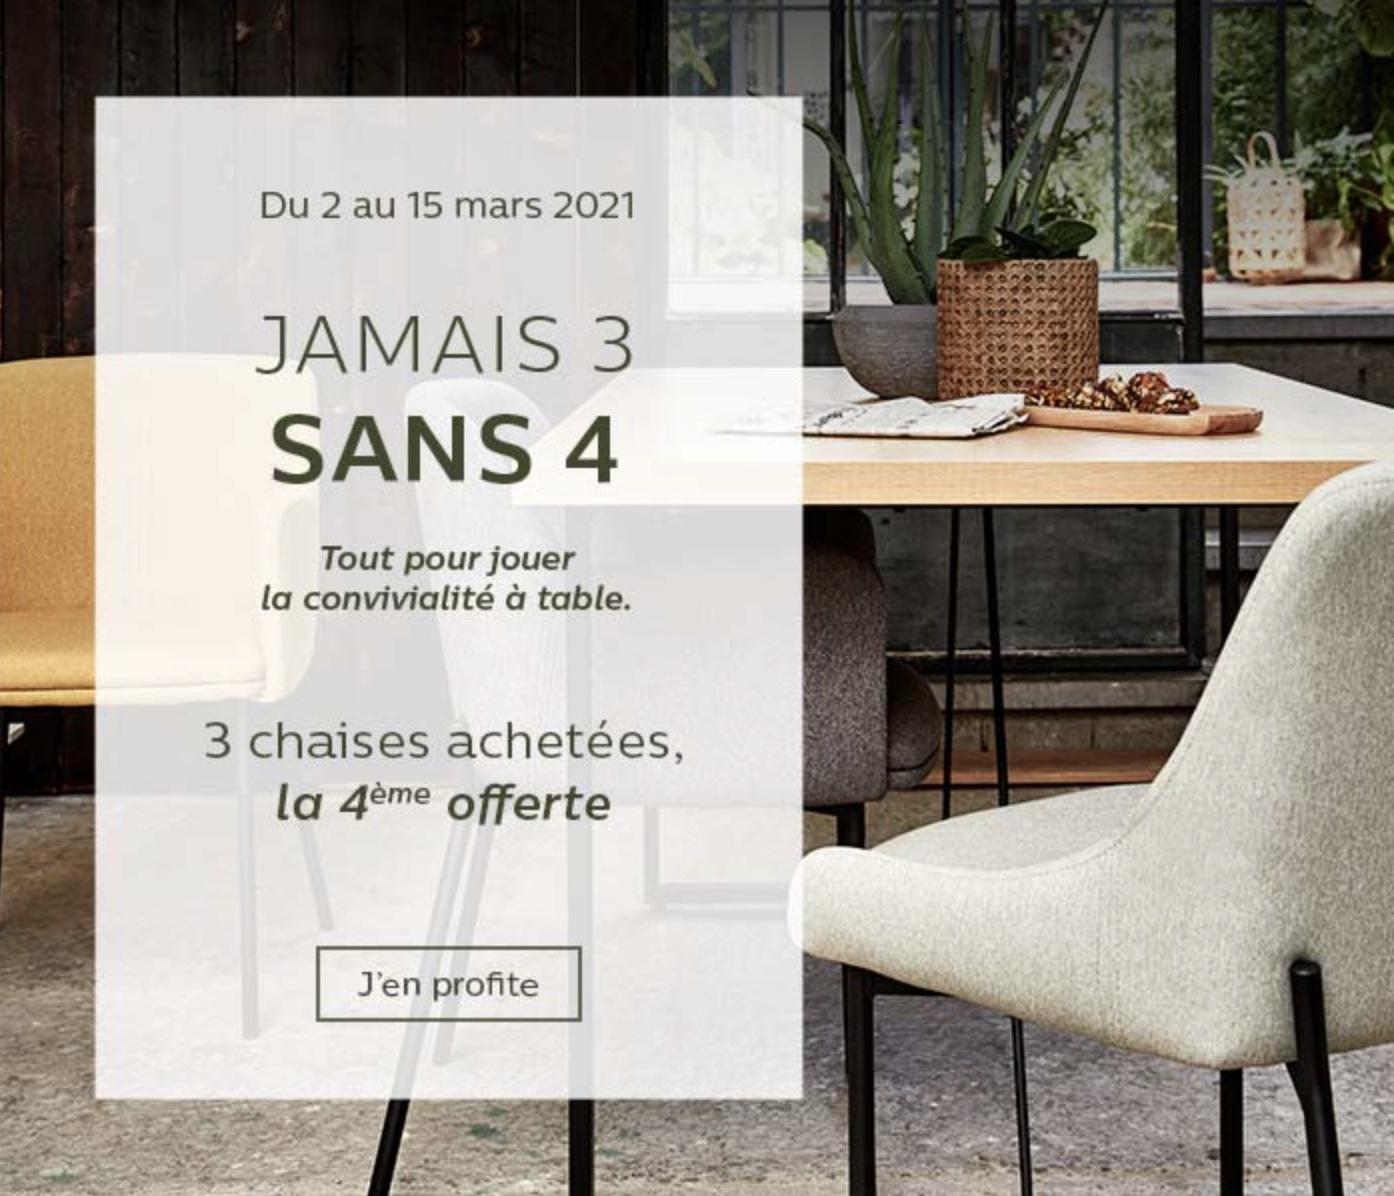 Code promo Alinéa : 3 chaises achetées = la 4ème offerte